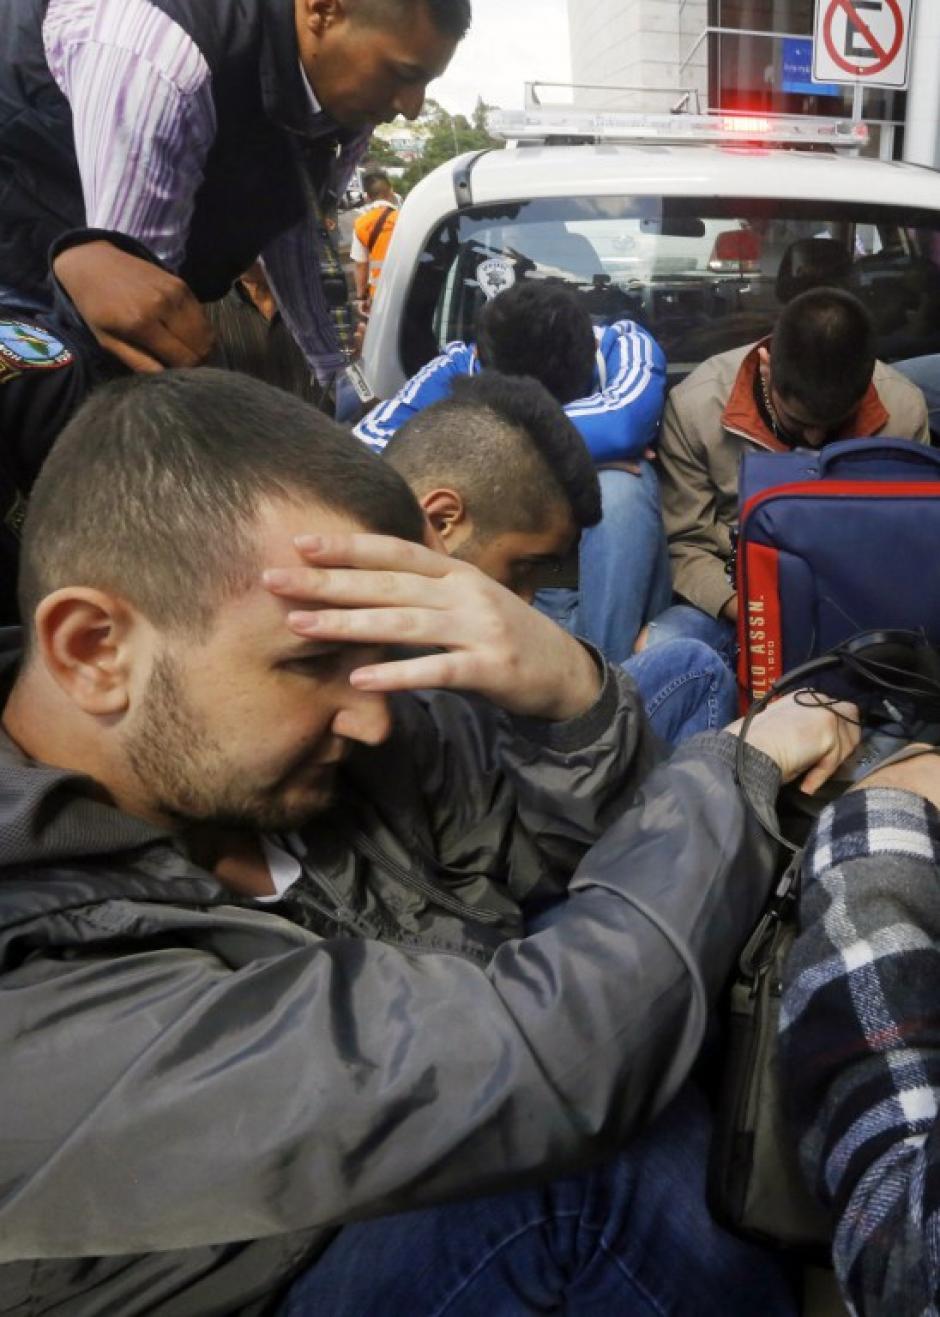 Cinco sirios que intentaban viajar a Estados Unidos fueron detenidos en Honduras, los hombres habrían robado unos pasaportes en Grecia. (Foto: AFP)